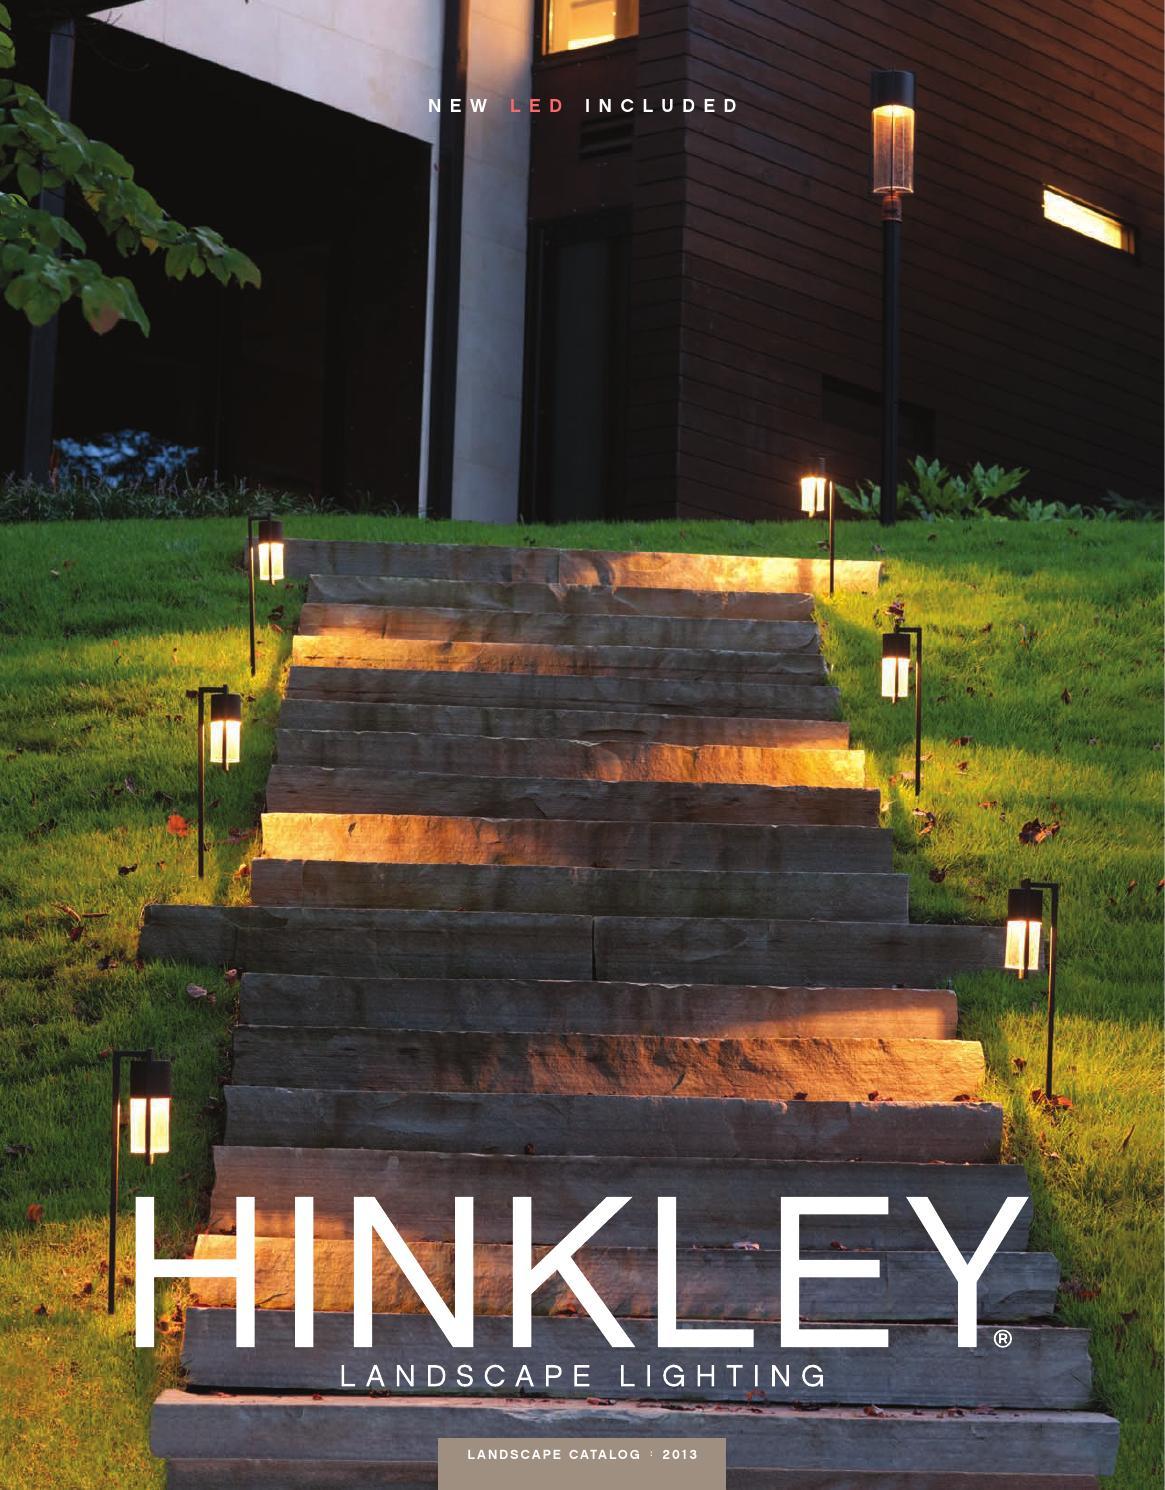 Hinkley 16022MZ-LED Landscape Hardy Island Light